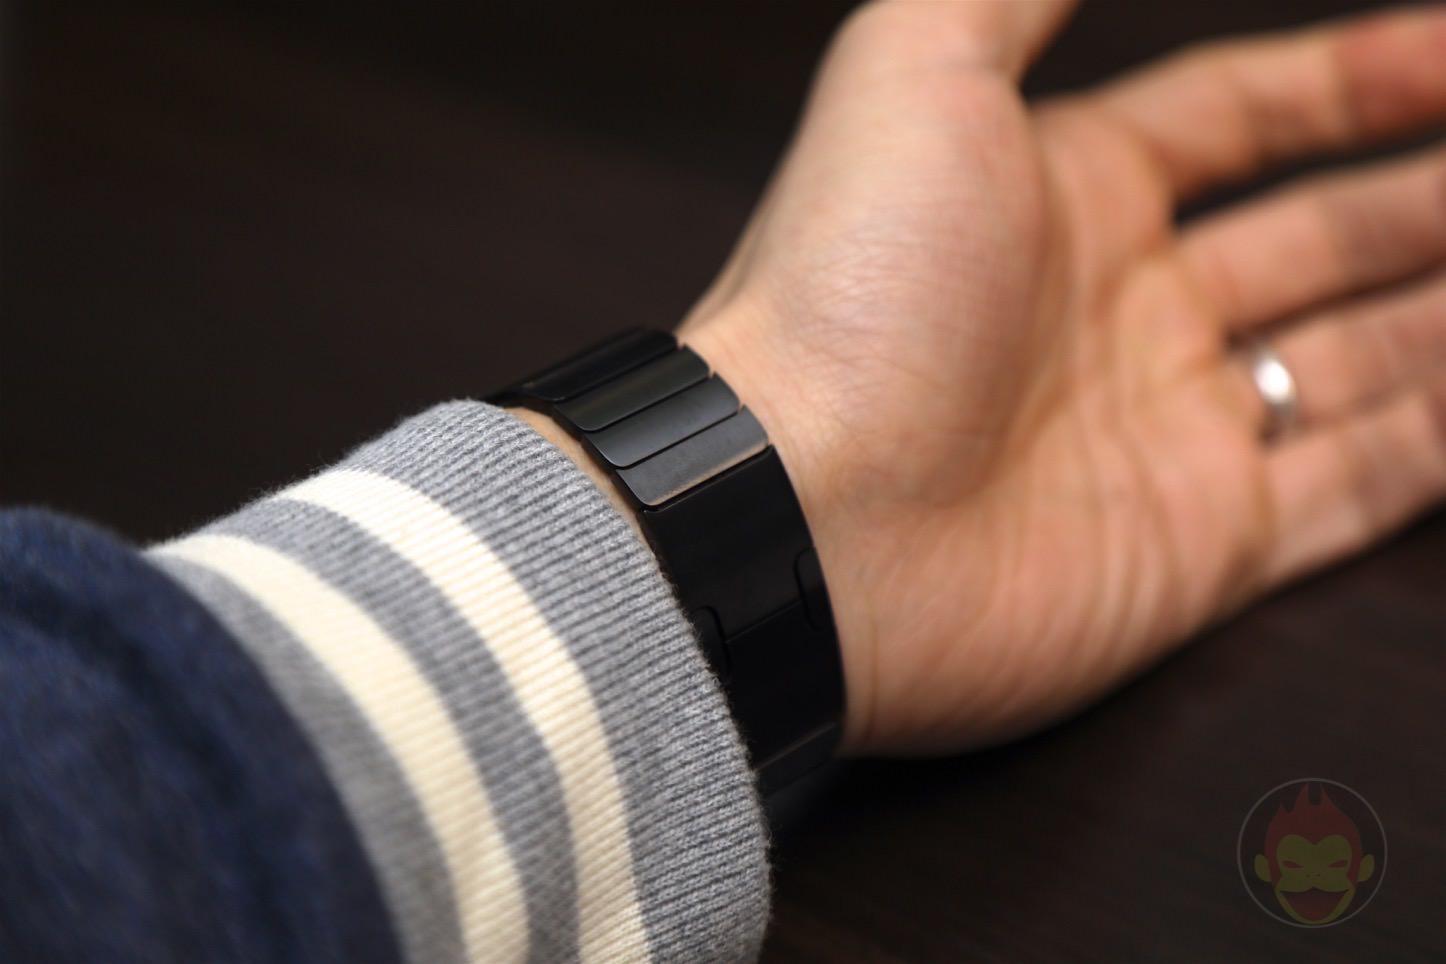 Using-Apple-Link-Bracelet-Black-07.jpg